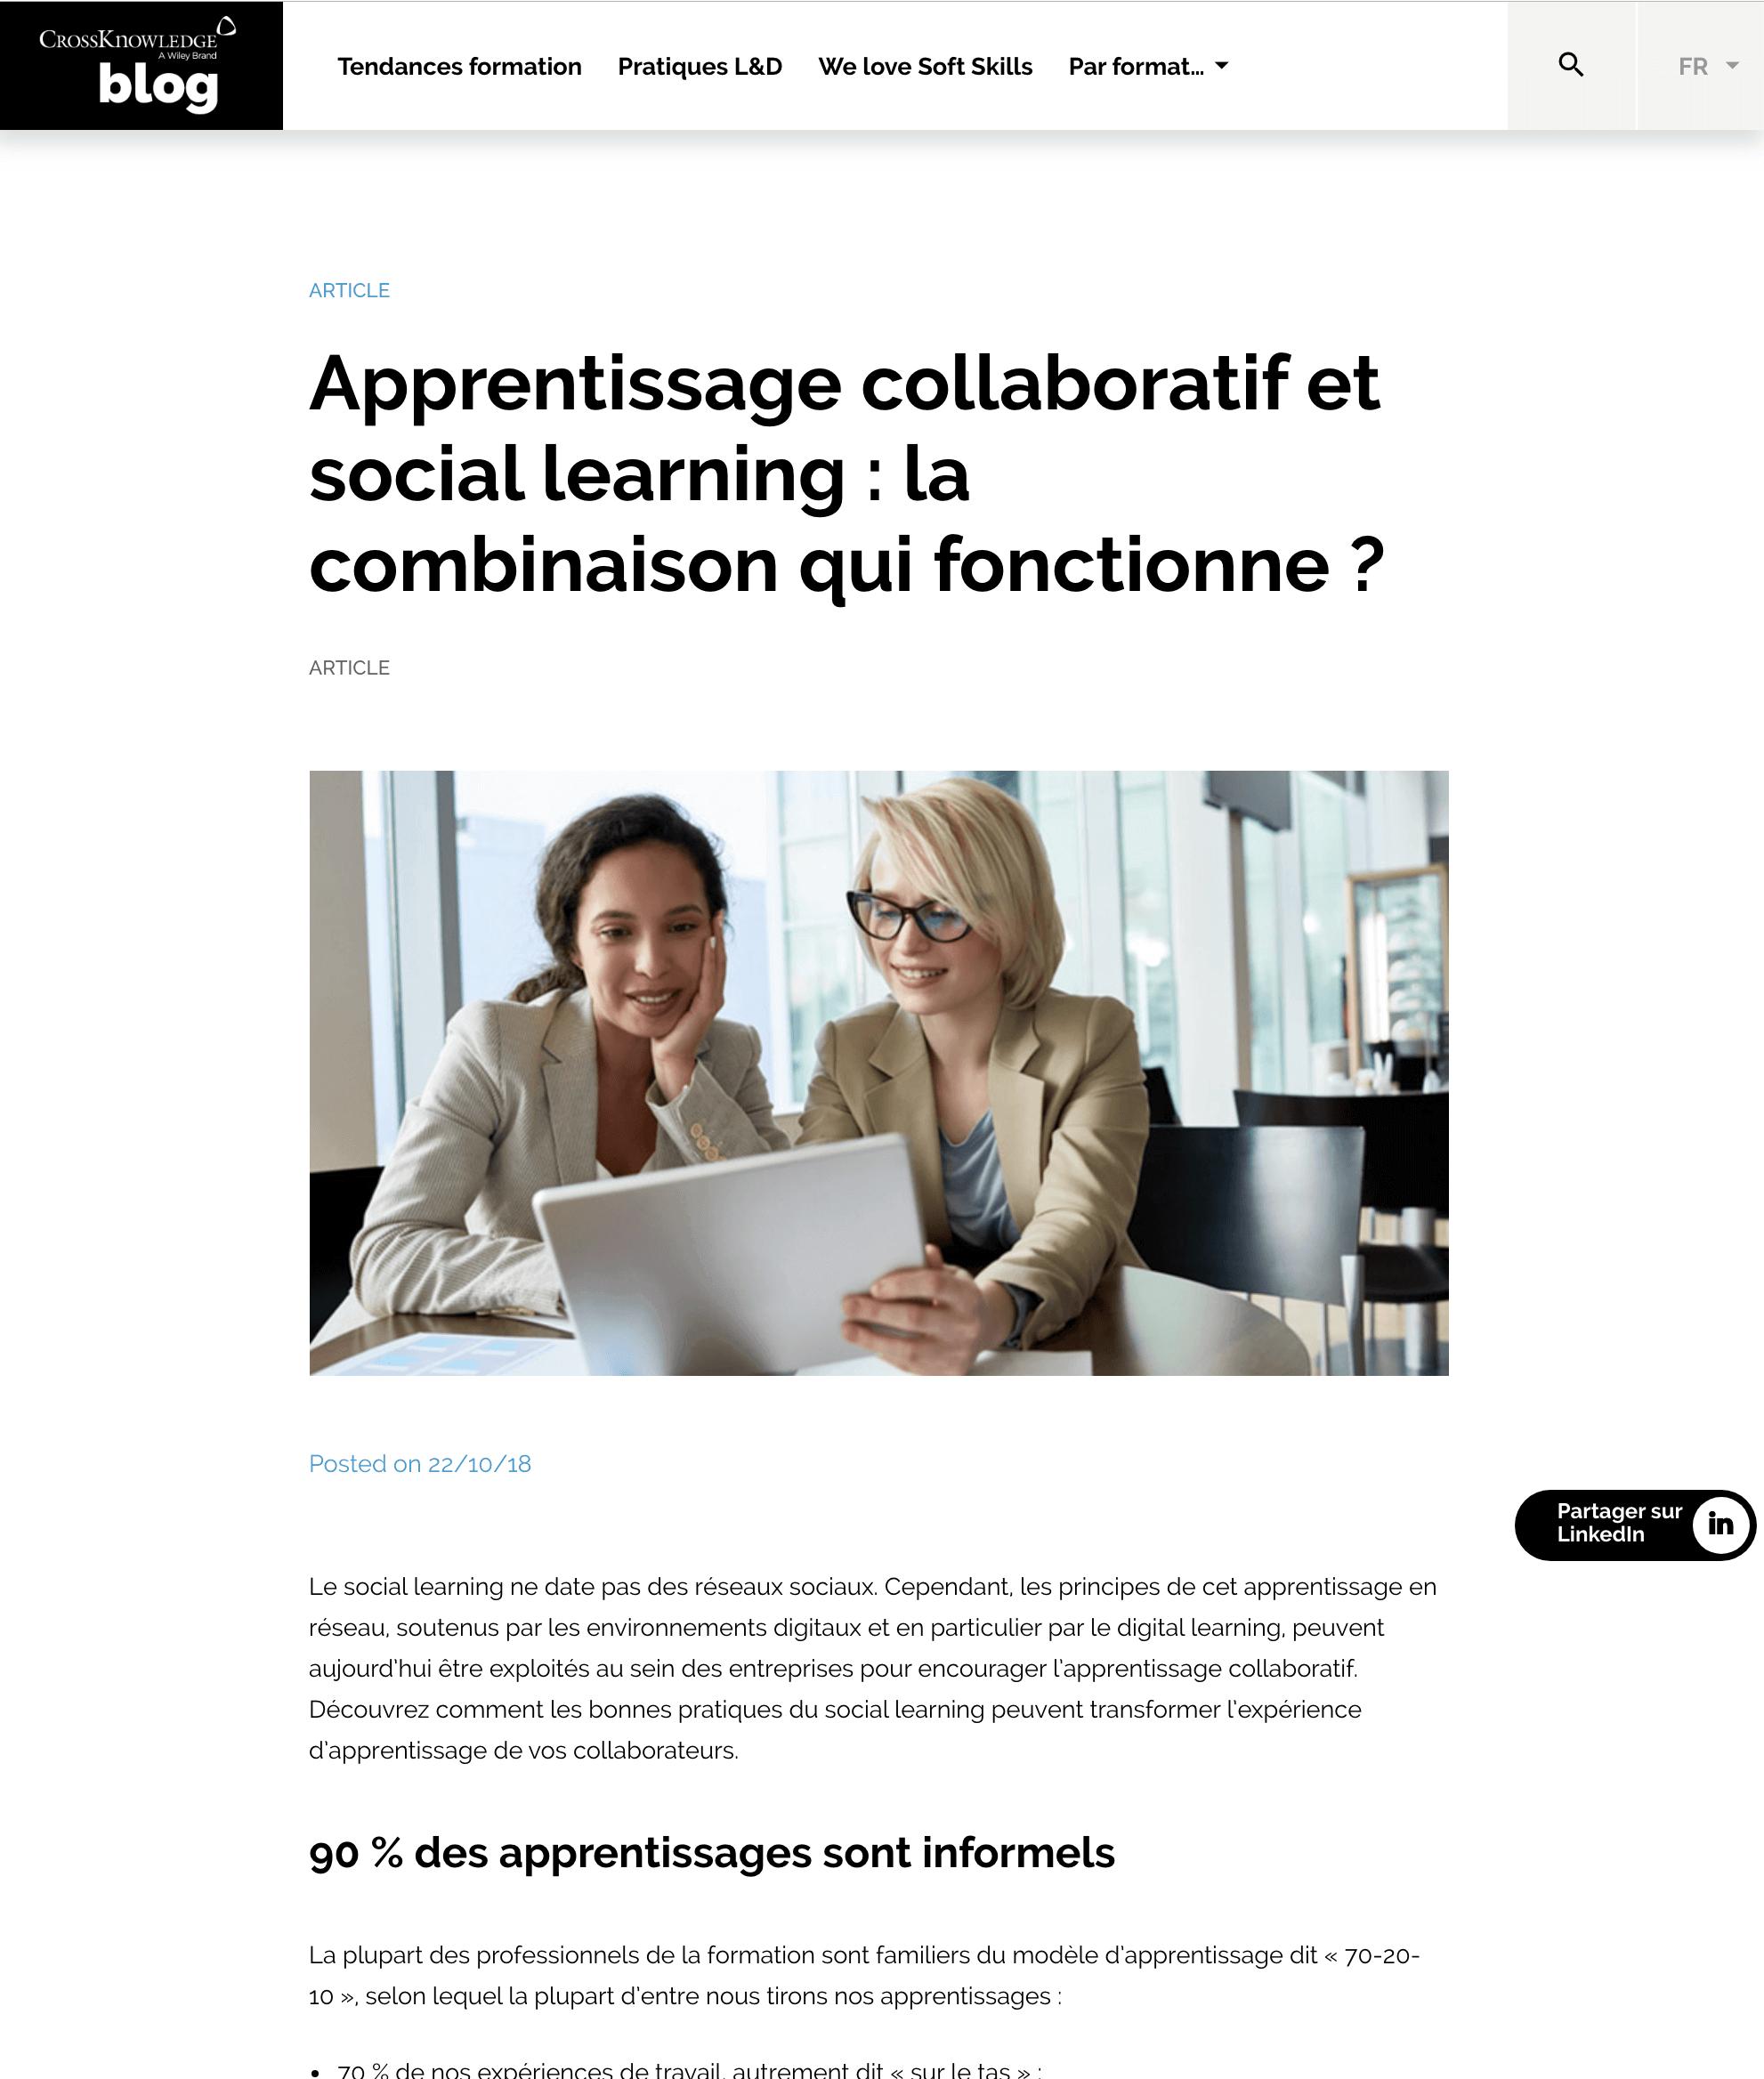 CrossKnowledge – Apprentissage collaboratif et social learning : la combinaison qui fonctionne ?